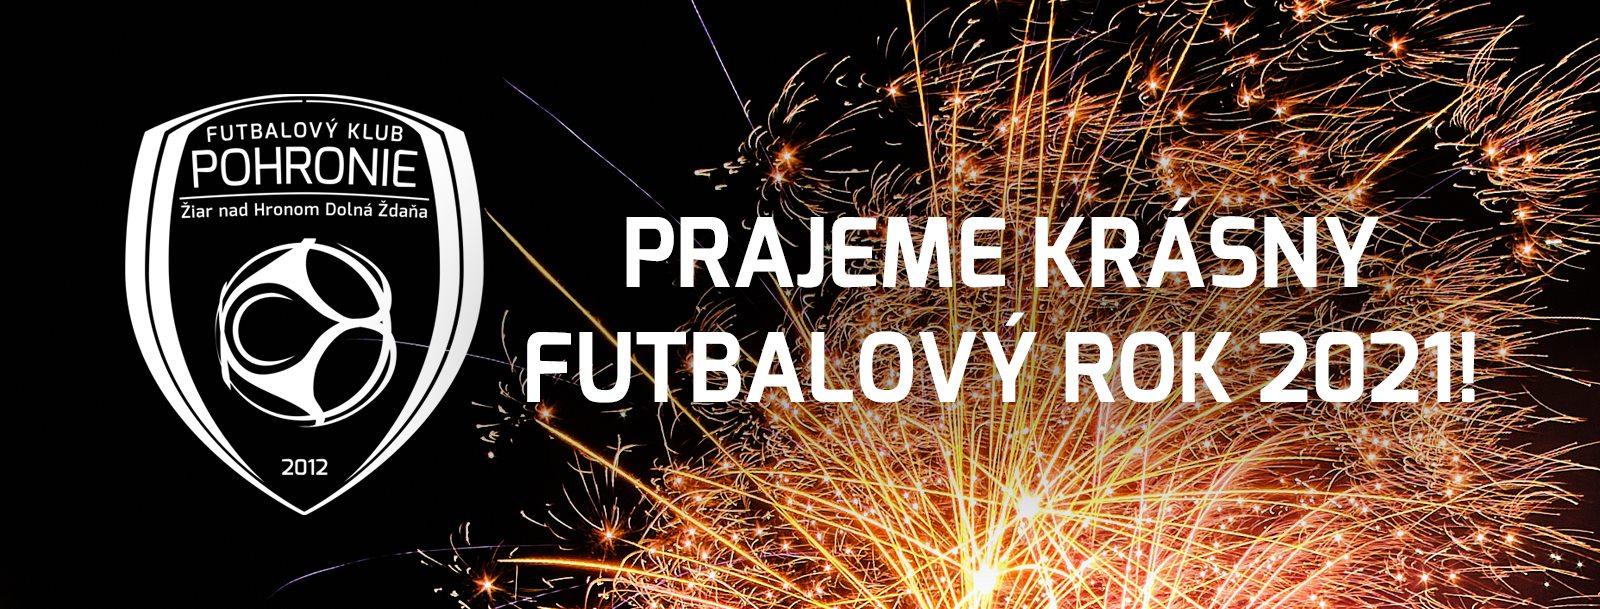 Pohronie New year